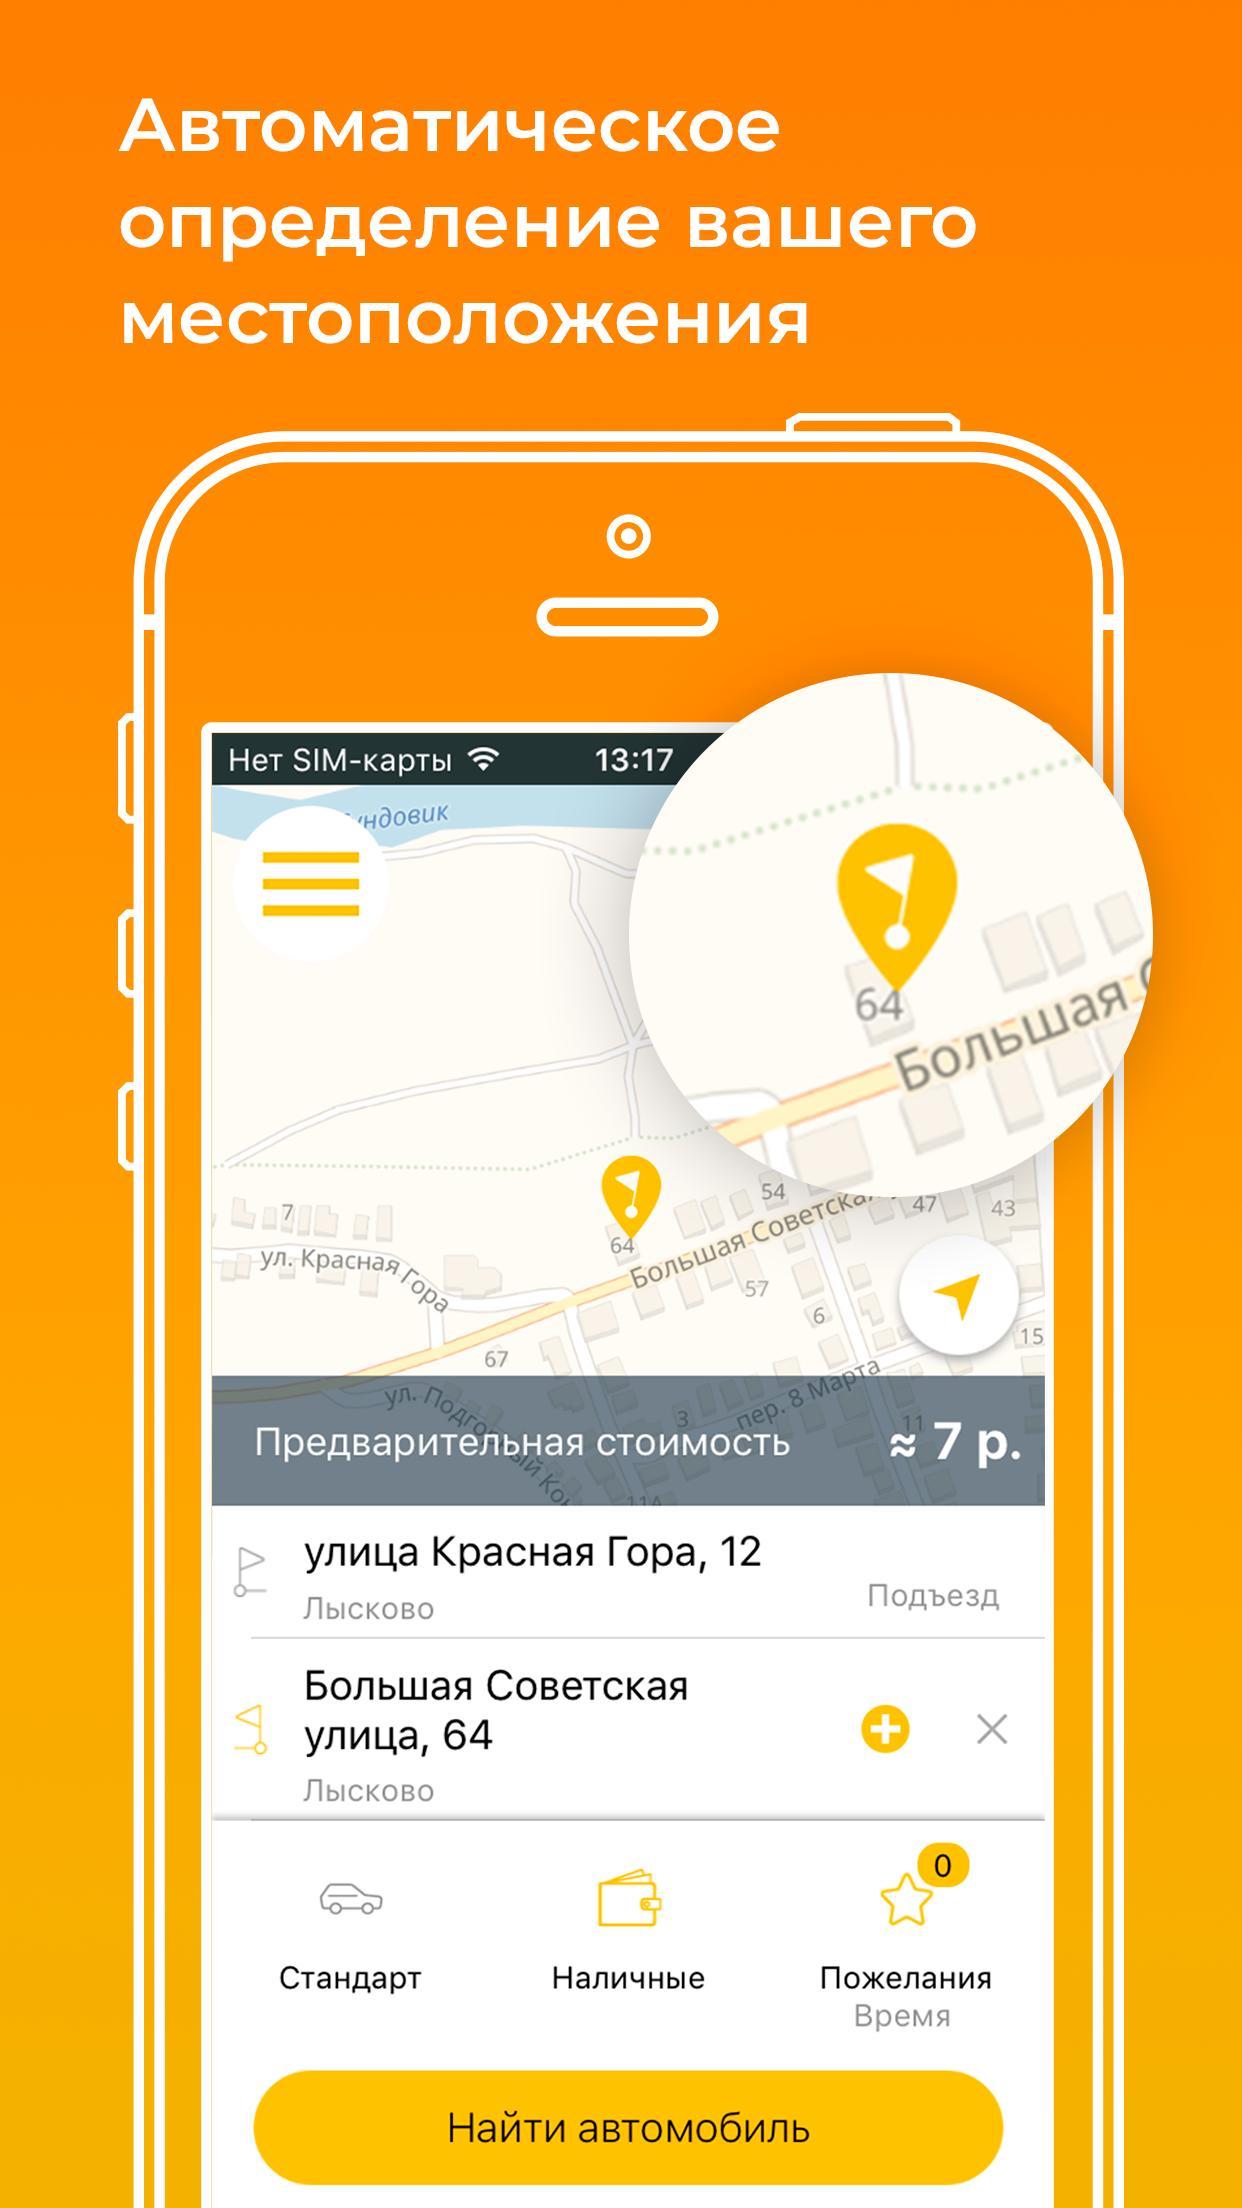 Такси Люкс Бахмач номер телефона отзывы Люкс такси | 2208x1242